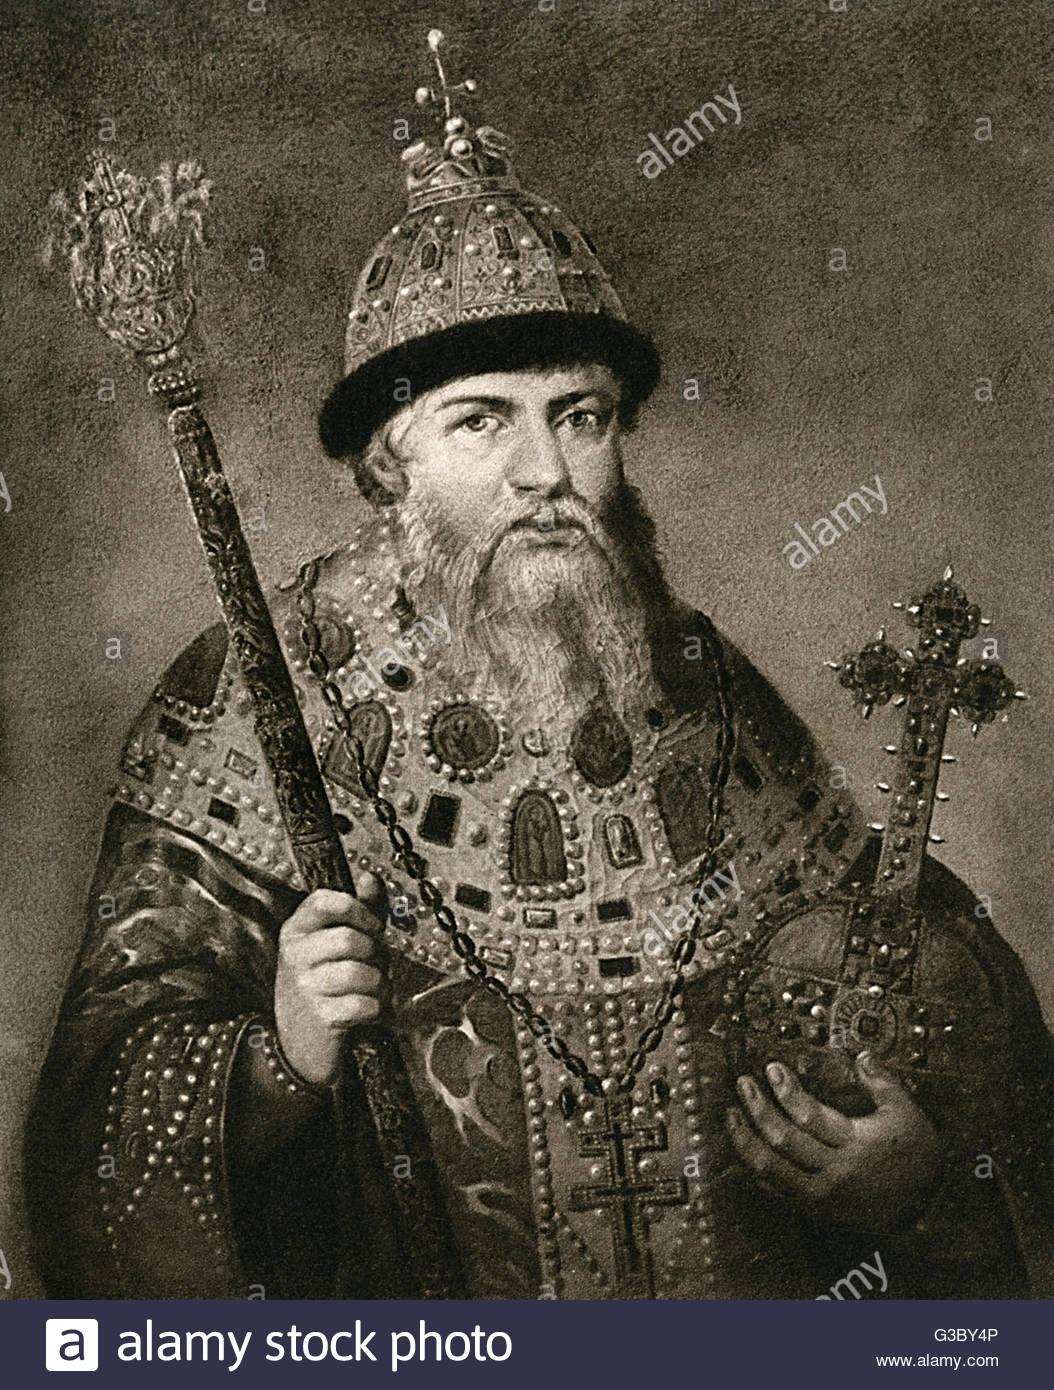 le-tsar-alexis-ier-de-russie-aleksey-mikhailovitch-1629-1676-regna-1645-1676-date-17e-siecle-g3by4p